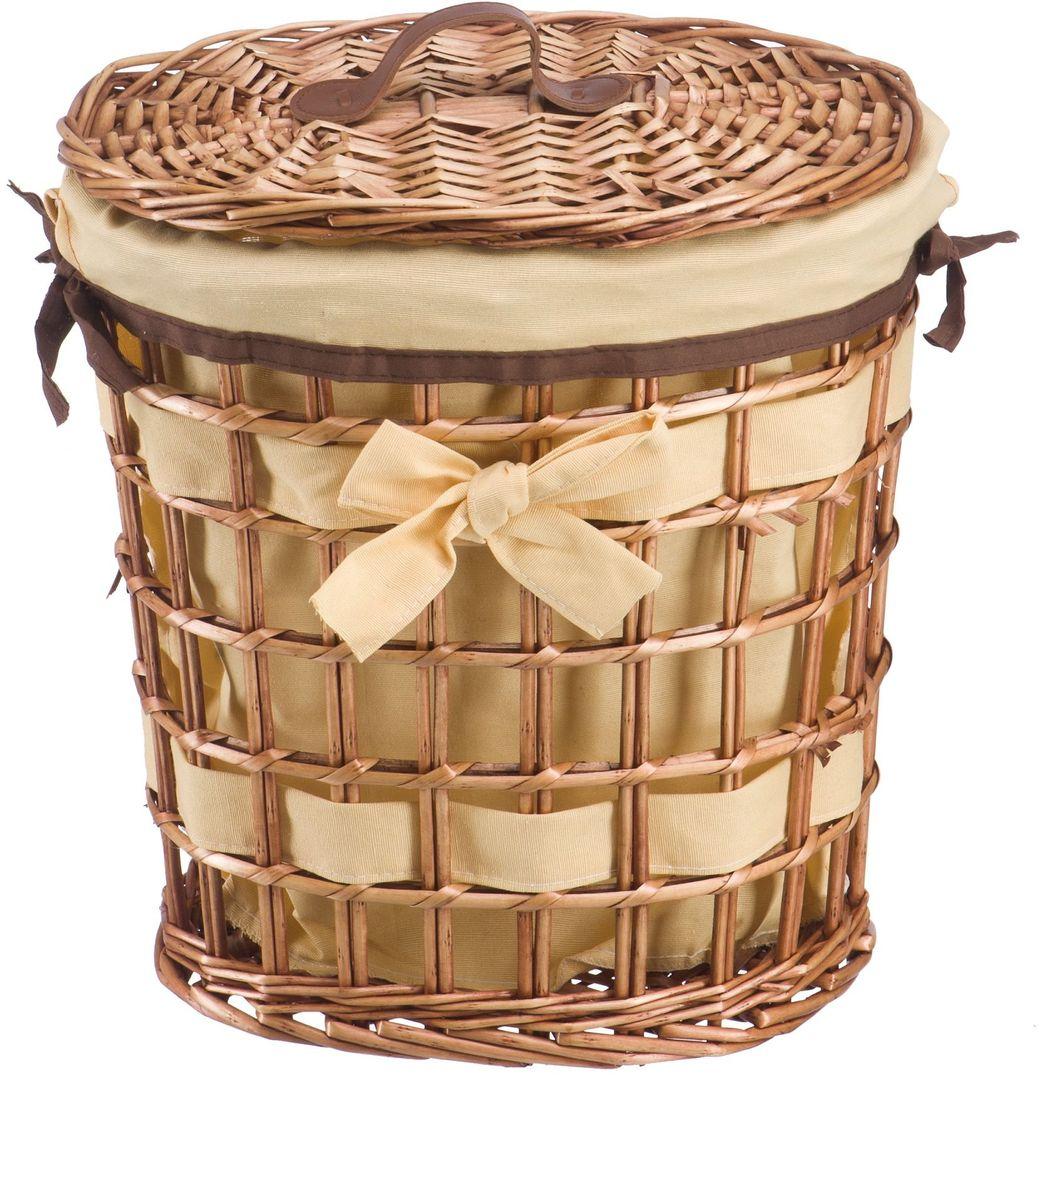 Корзина для белья Natural House Бантик, цвет: коричневый, 32 х 21 х 36 смEW-05 SБельевая корзина Natural House из лозы ивы не только удобна, практична, но и прекрасно выглядит. Овальная форма с оригинальным декором в виде банта украсит любое пространство. Высокое качество и натуральные материалы гармонично сочетаются и создают в доме уют и теплое настроение.В комплекте с корзиной идет съемный чехол, который легко снимается и стирается.